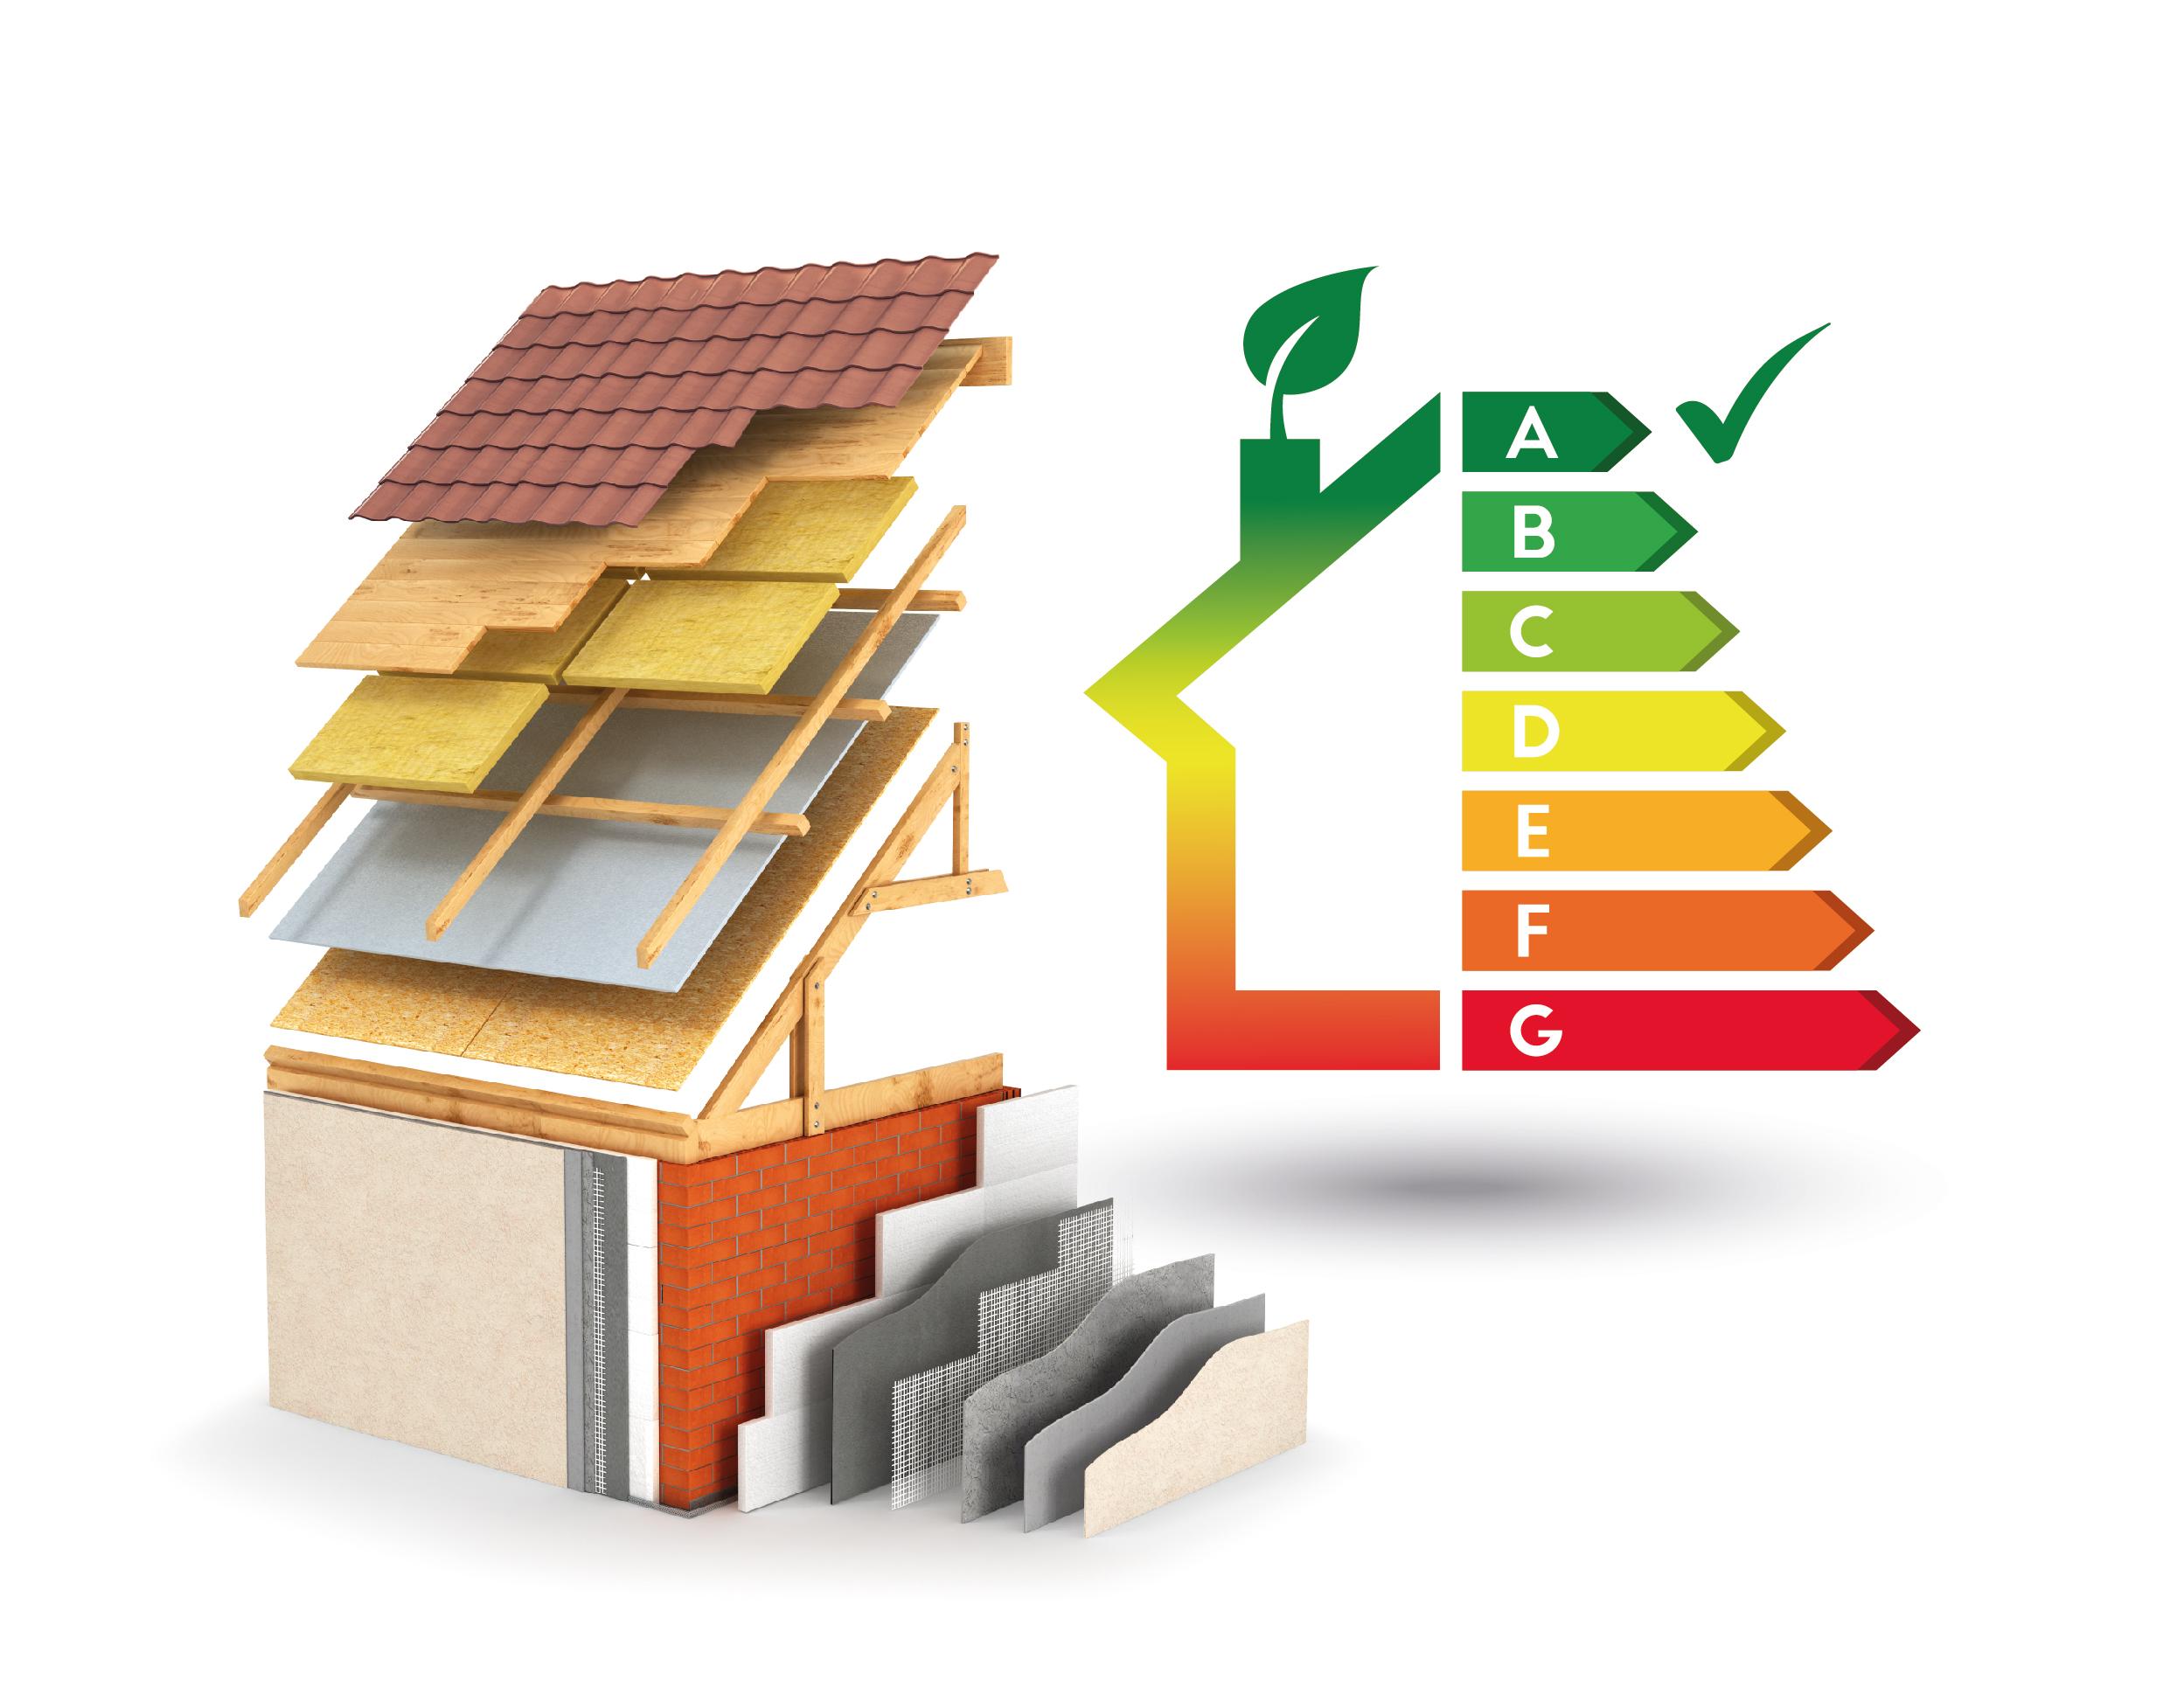 Grafik Bauphysik, die die Dämmung eines Hauses schematisch darstellt